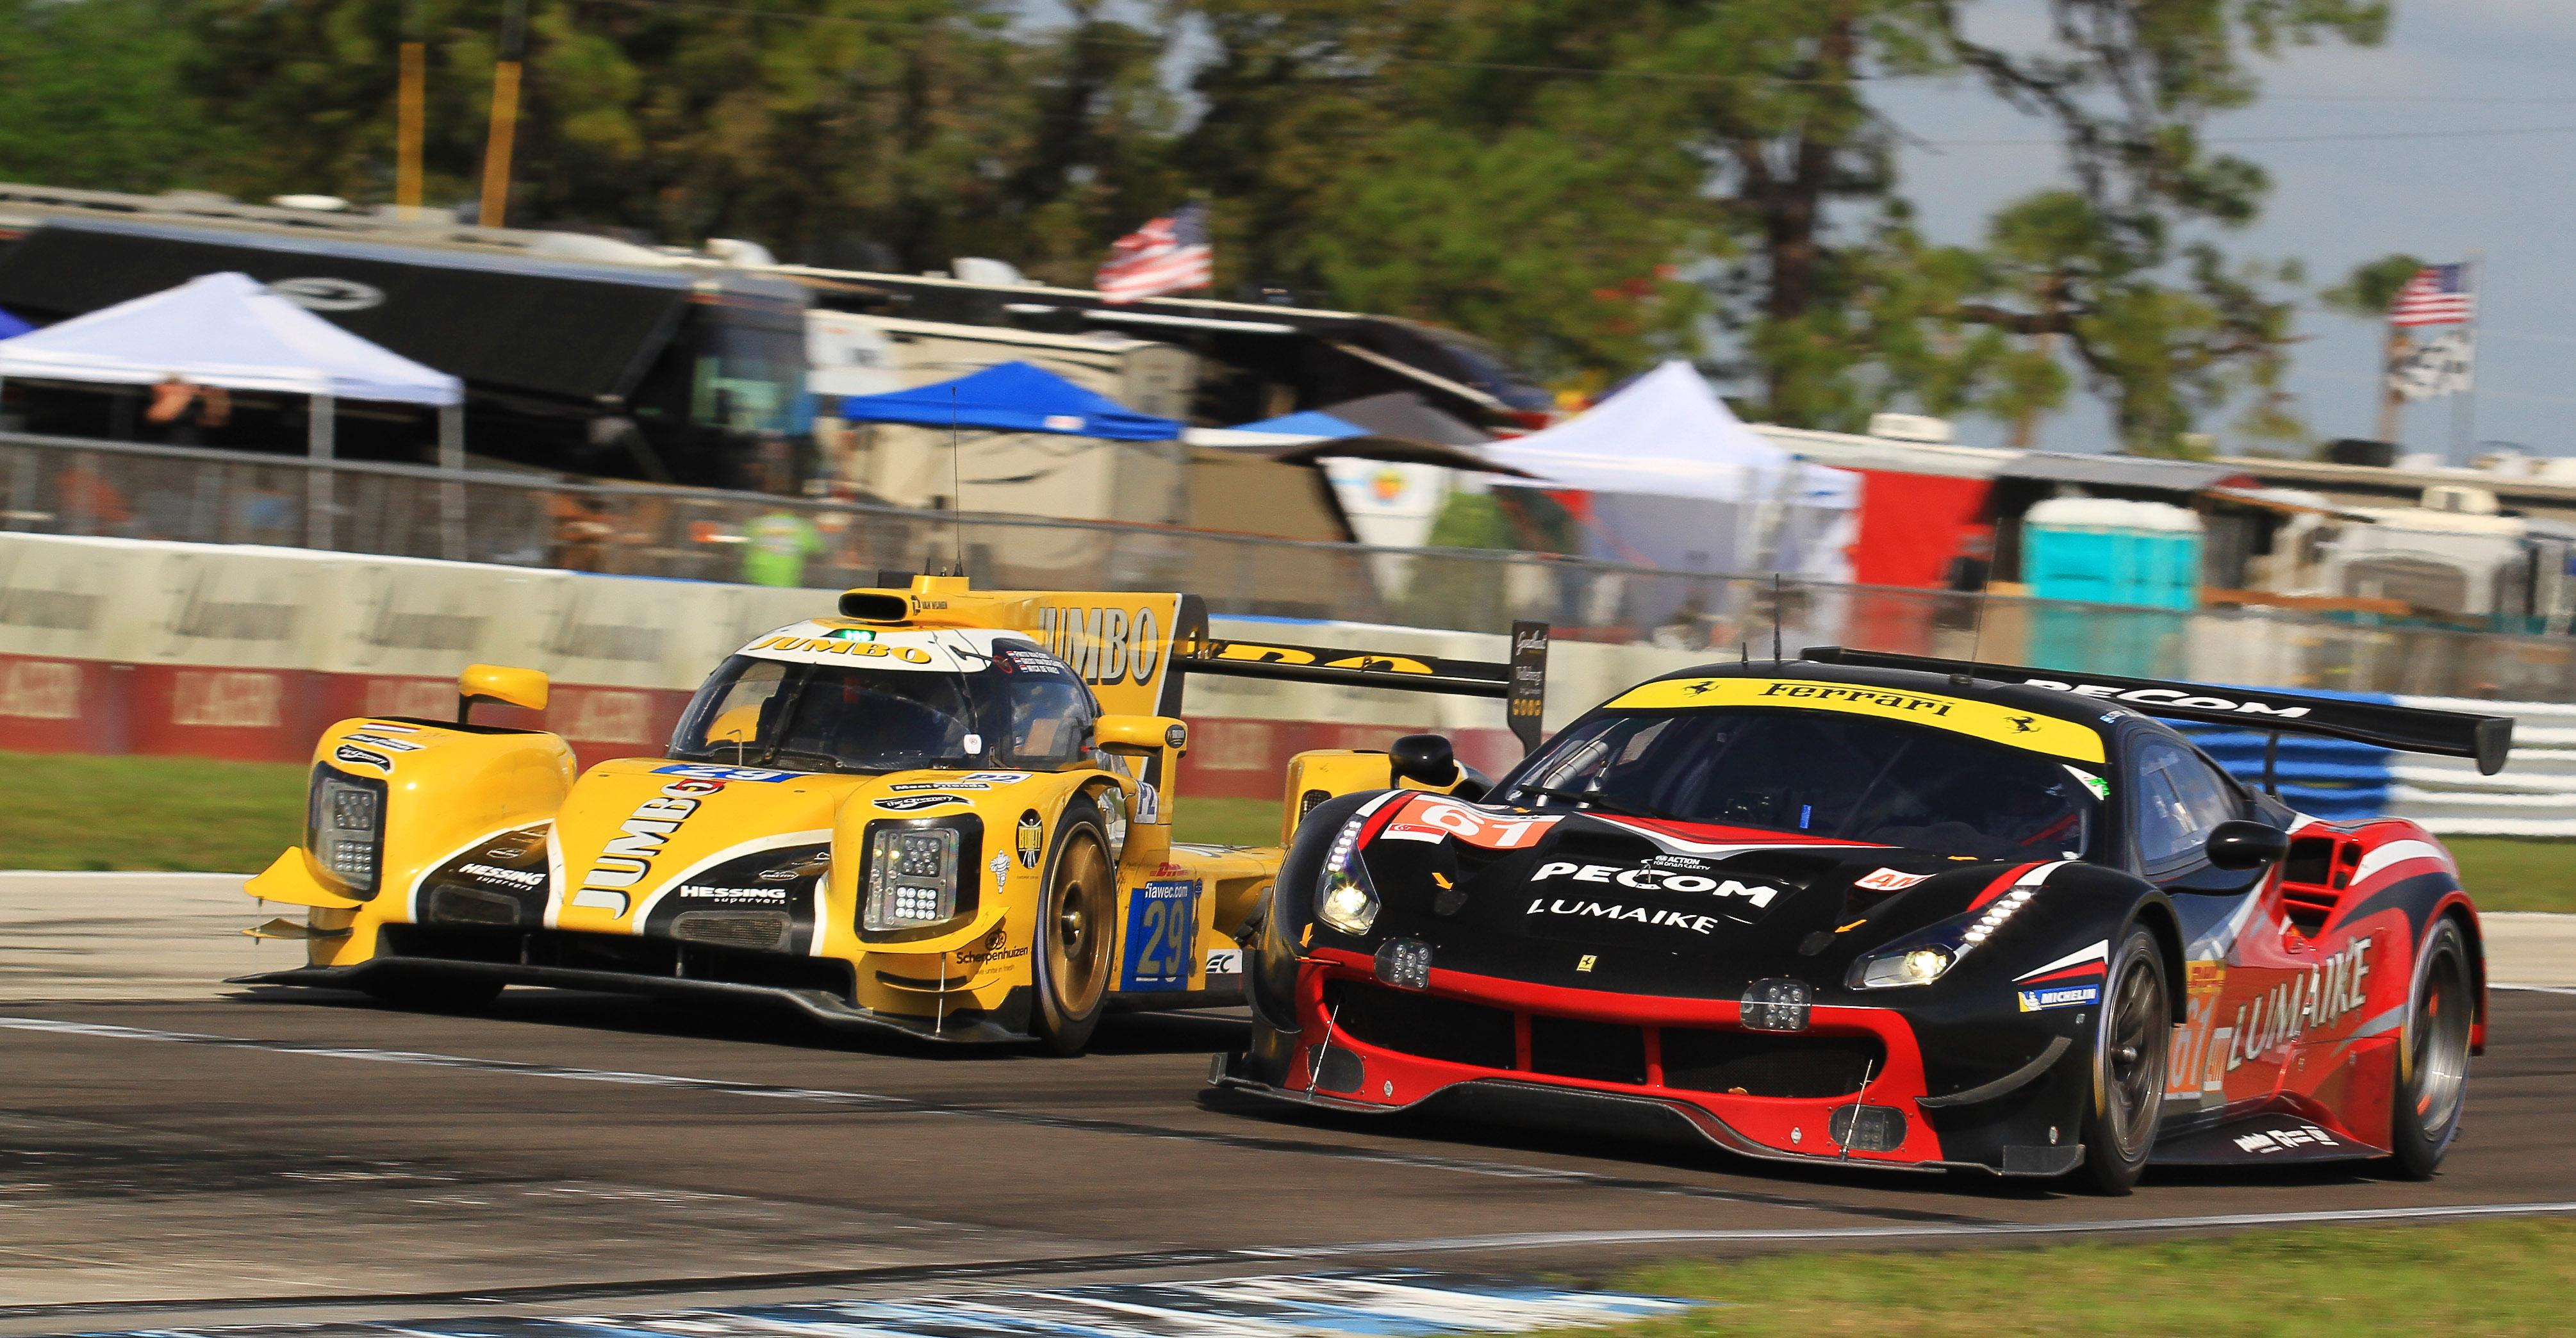 Multi-class racing at its best--GT versus prototype